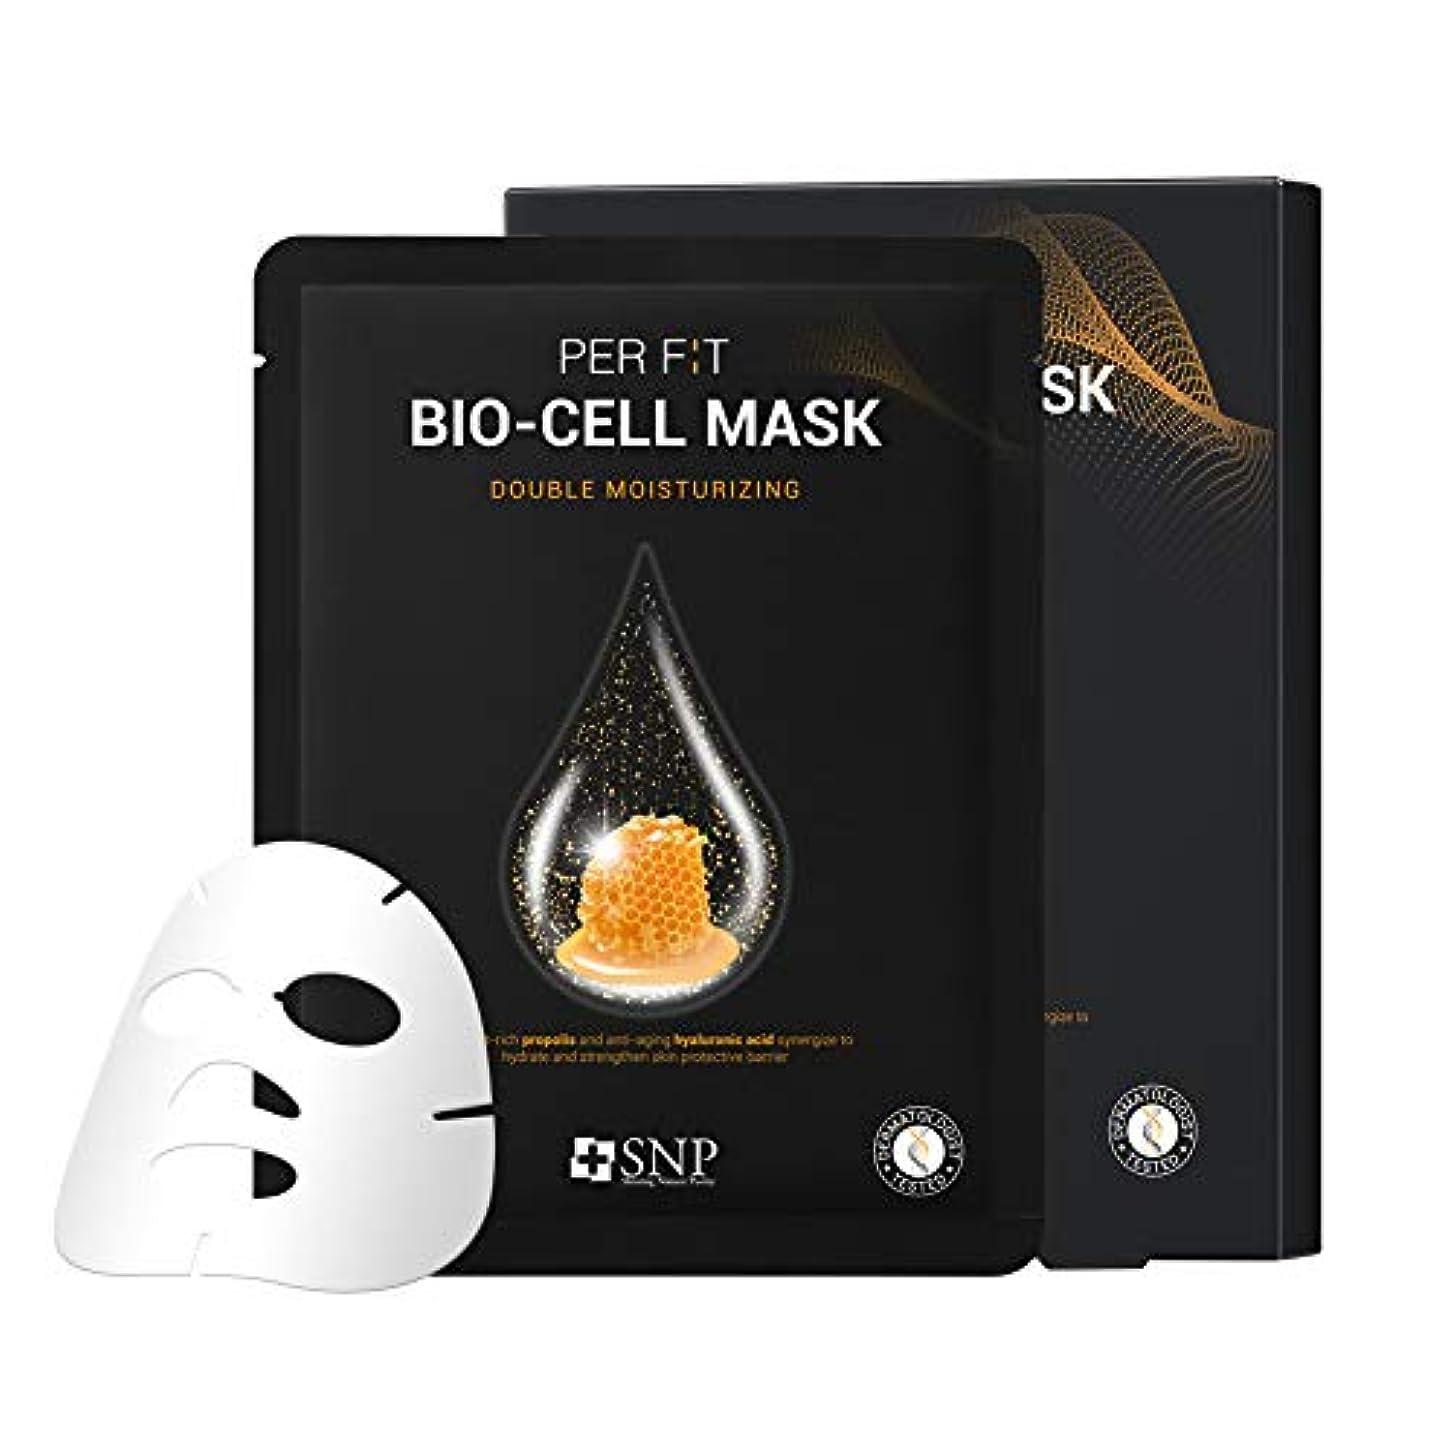 代表してリゾートカウンターパート【SNP公式】パーフィット バイオセルマスク ダブルモイスチャライジング 5枚セット / F:T BIO-CELL MASK DOUBLE MOISTURIZING 韓国パック 韓国コスメ パック マスクパック シートマスク...